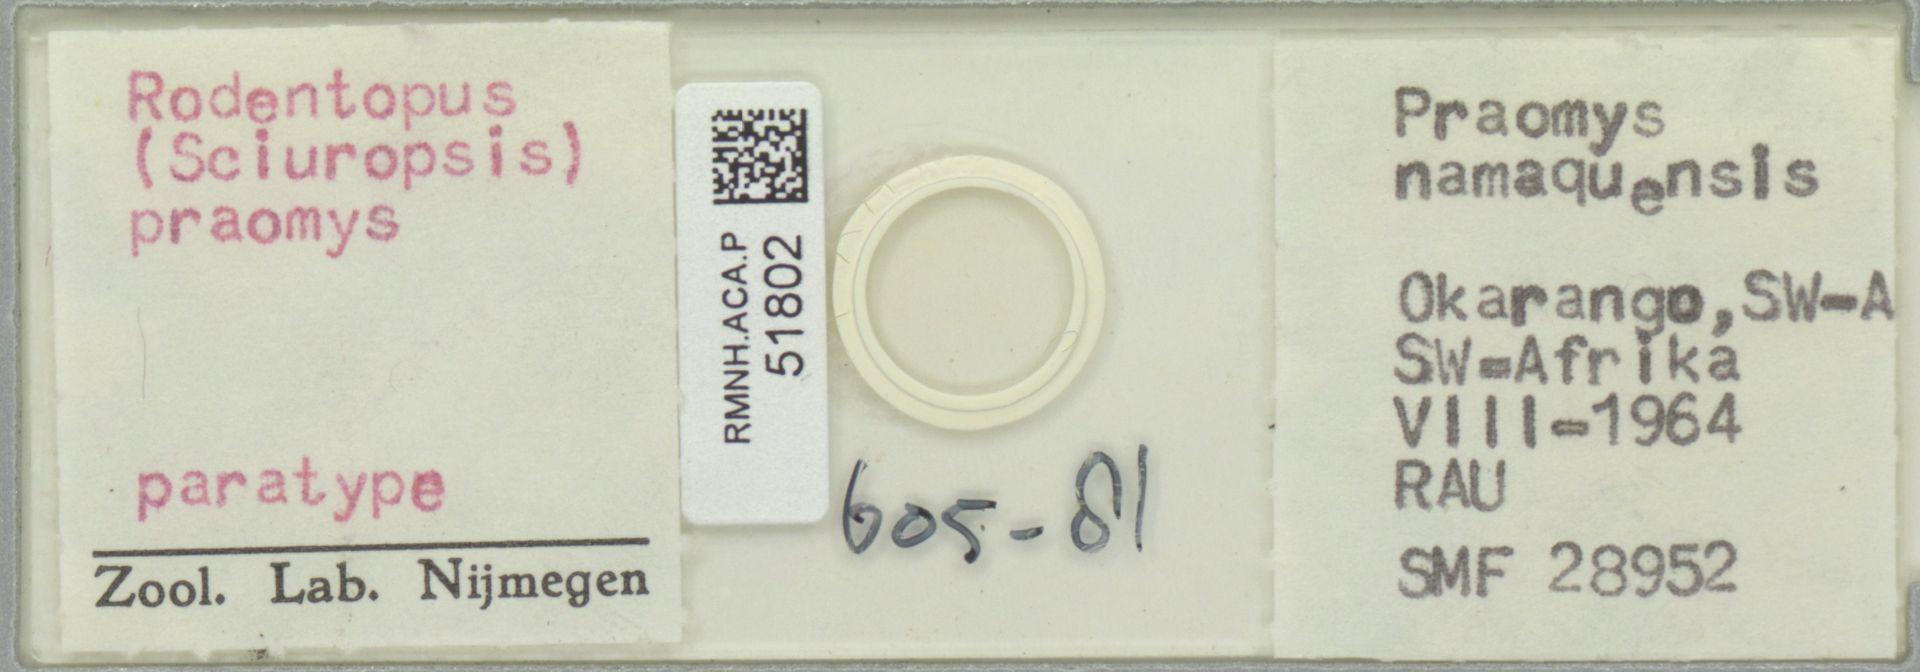 RMNH.ACA.P.51802 | Rodentopus (Sciuropsis) praomys